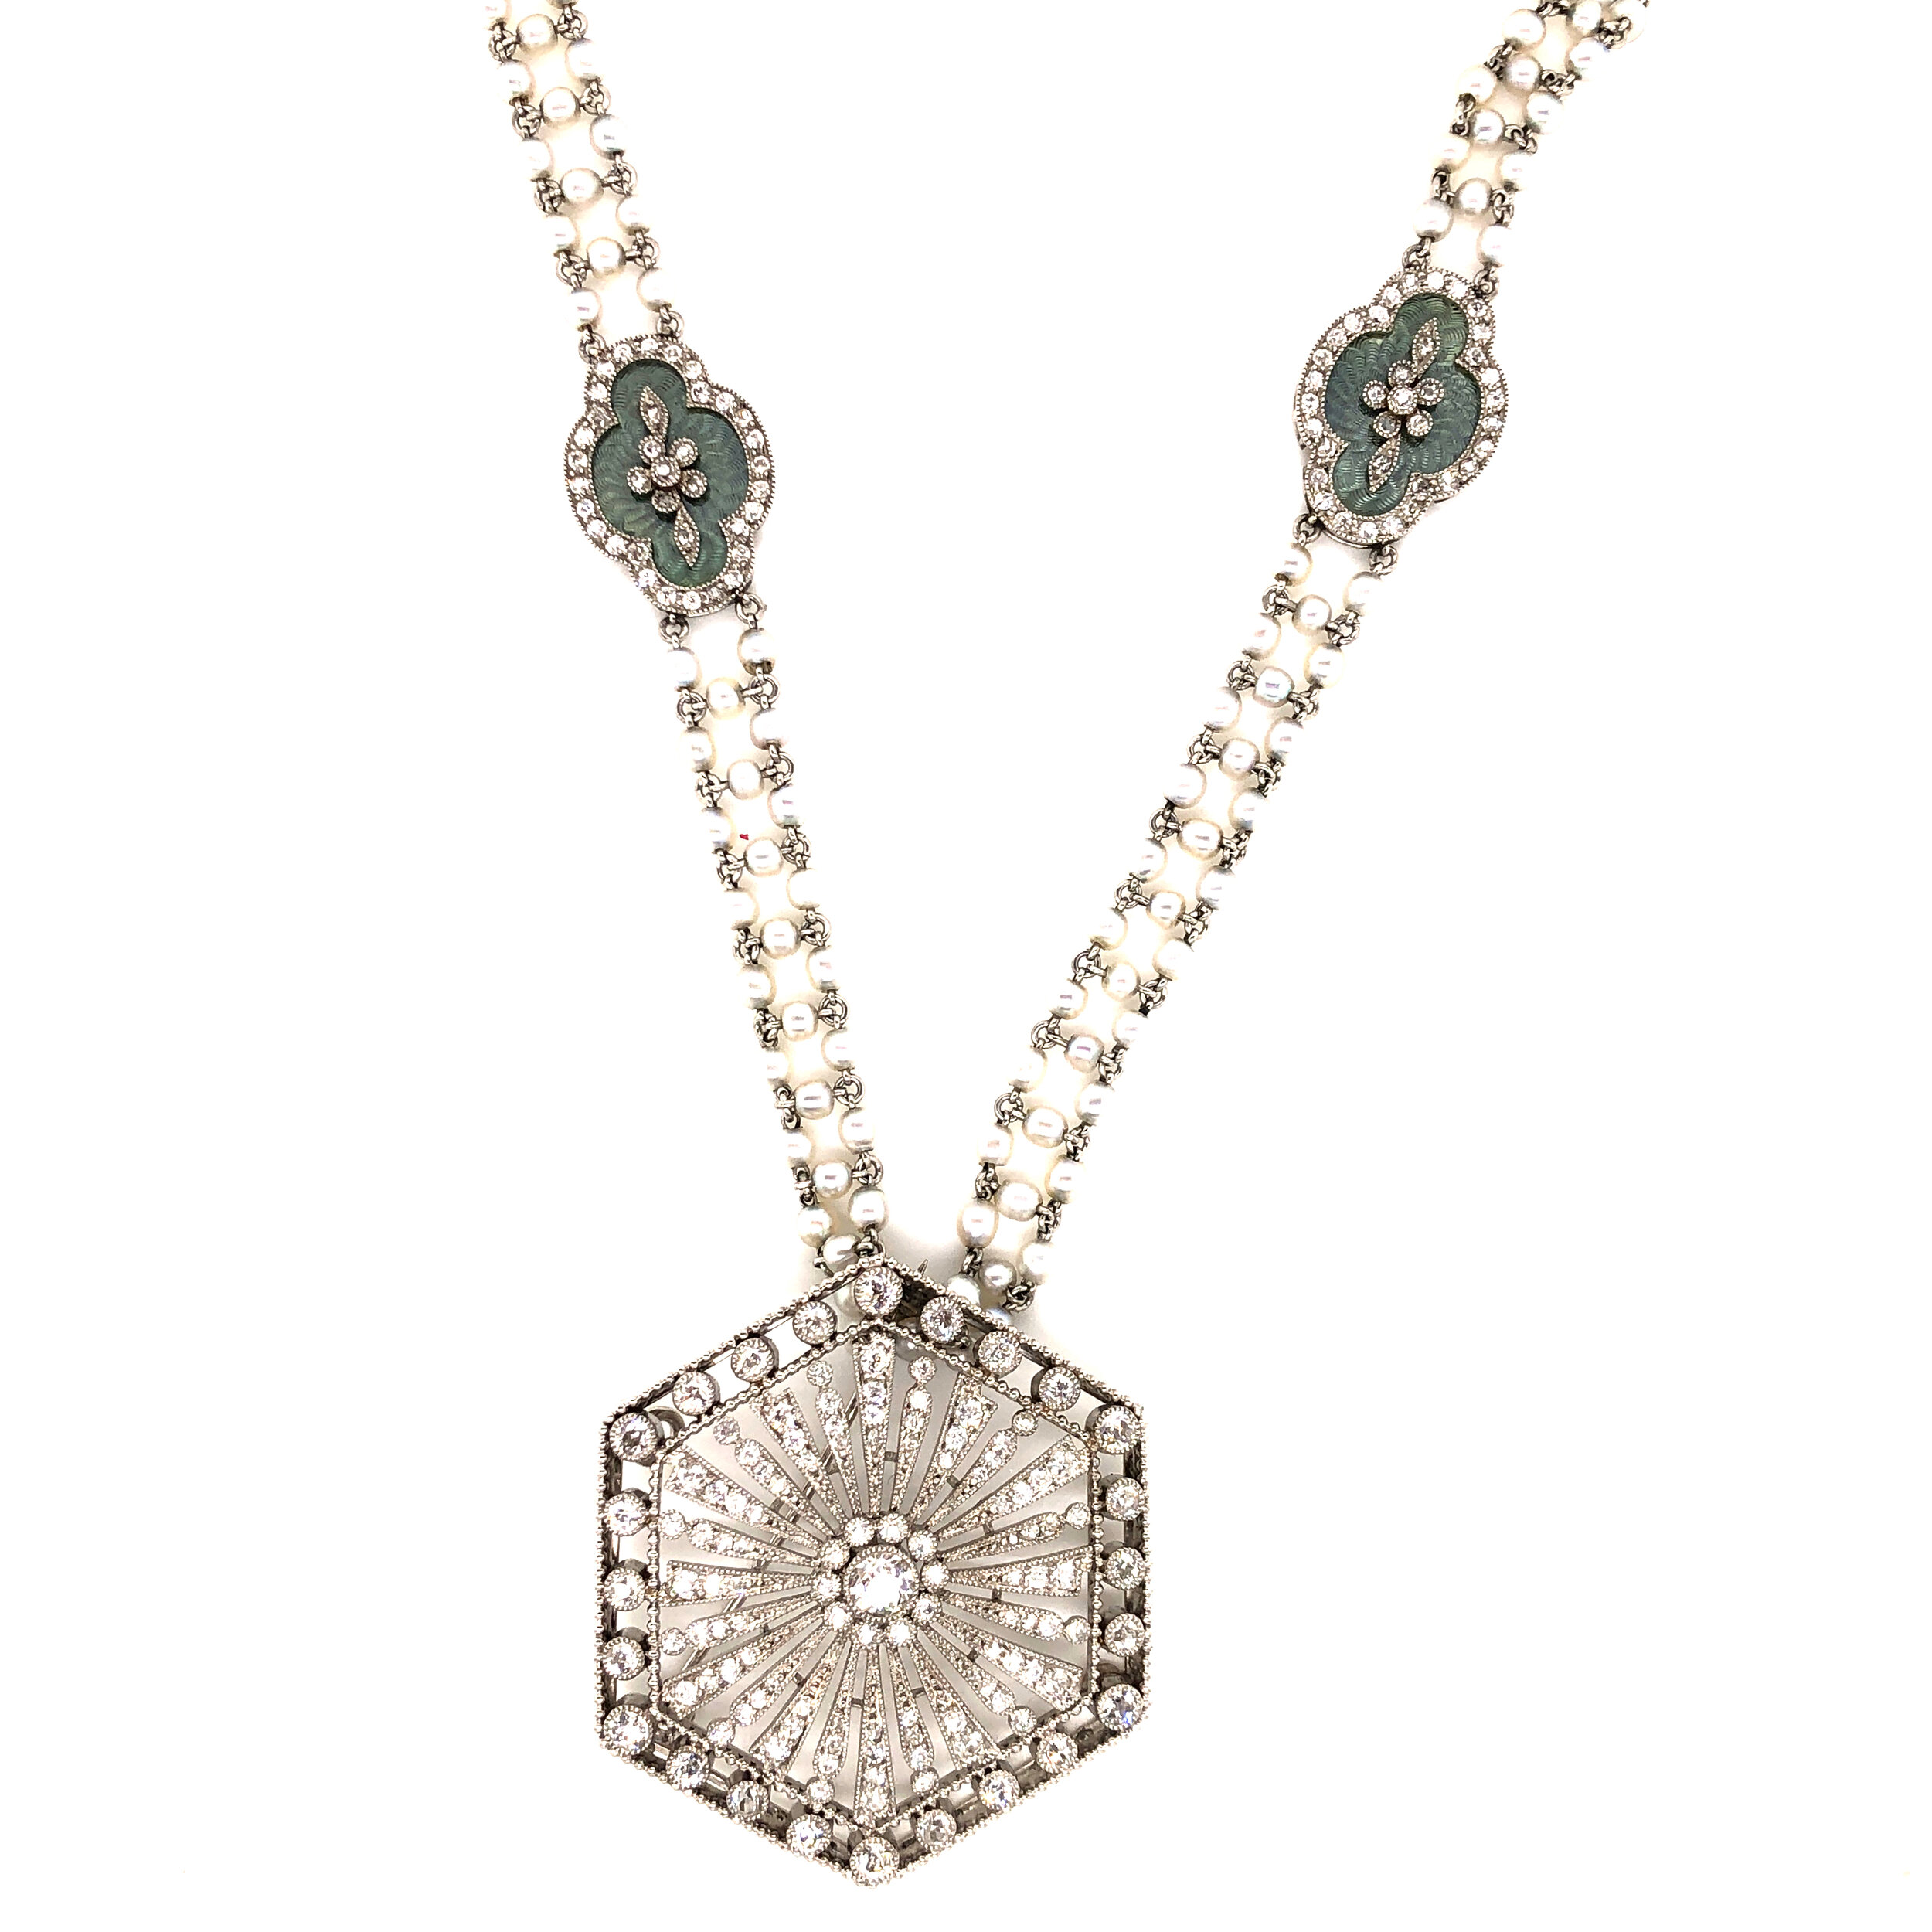 Necklace  Est. US$ 15,000-16,500